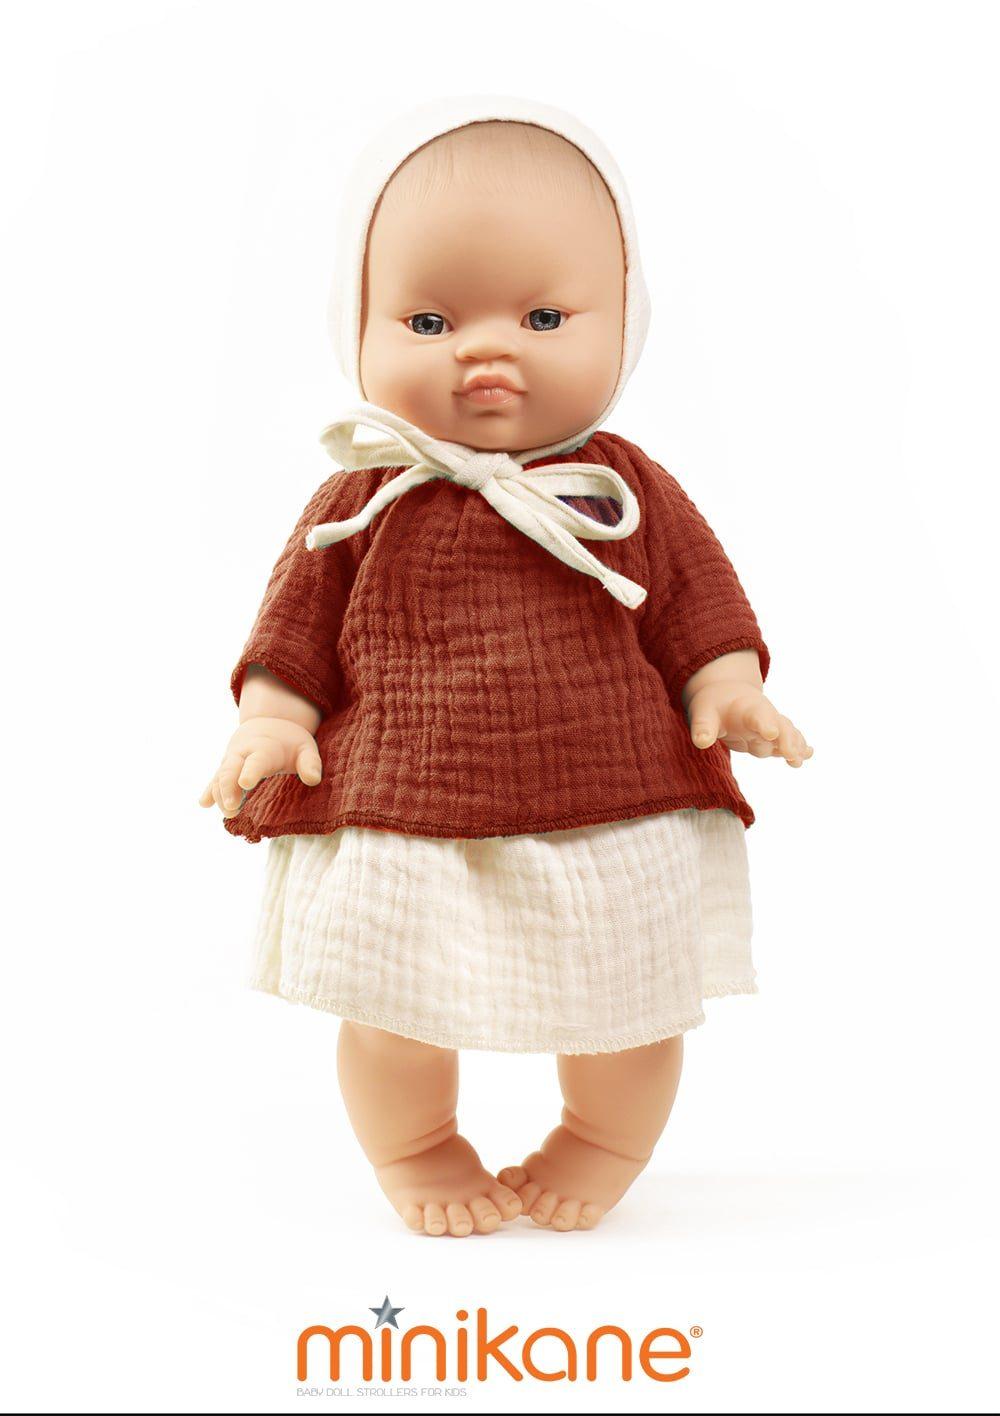 poupee asiatique habillee par minikane